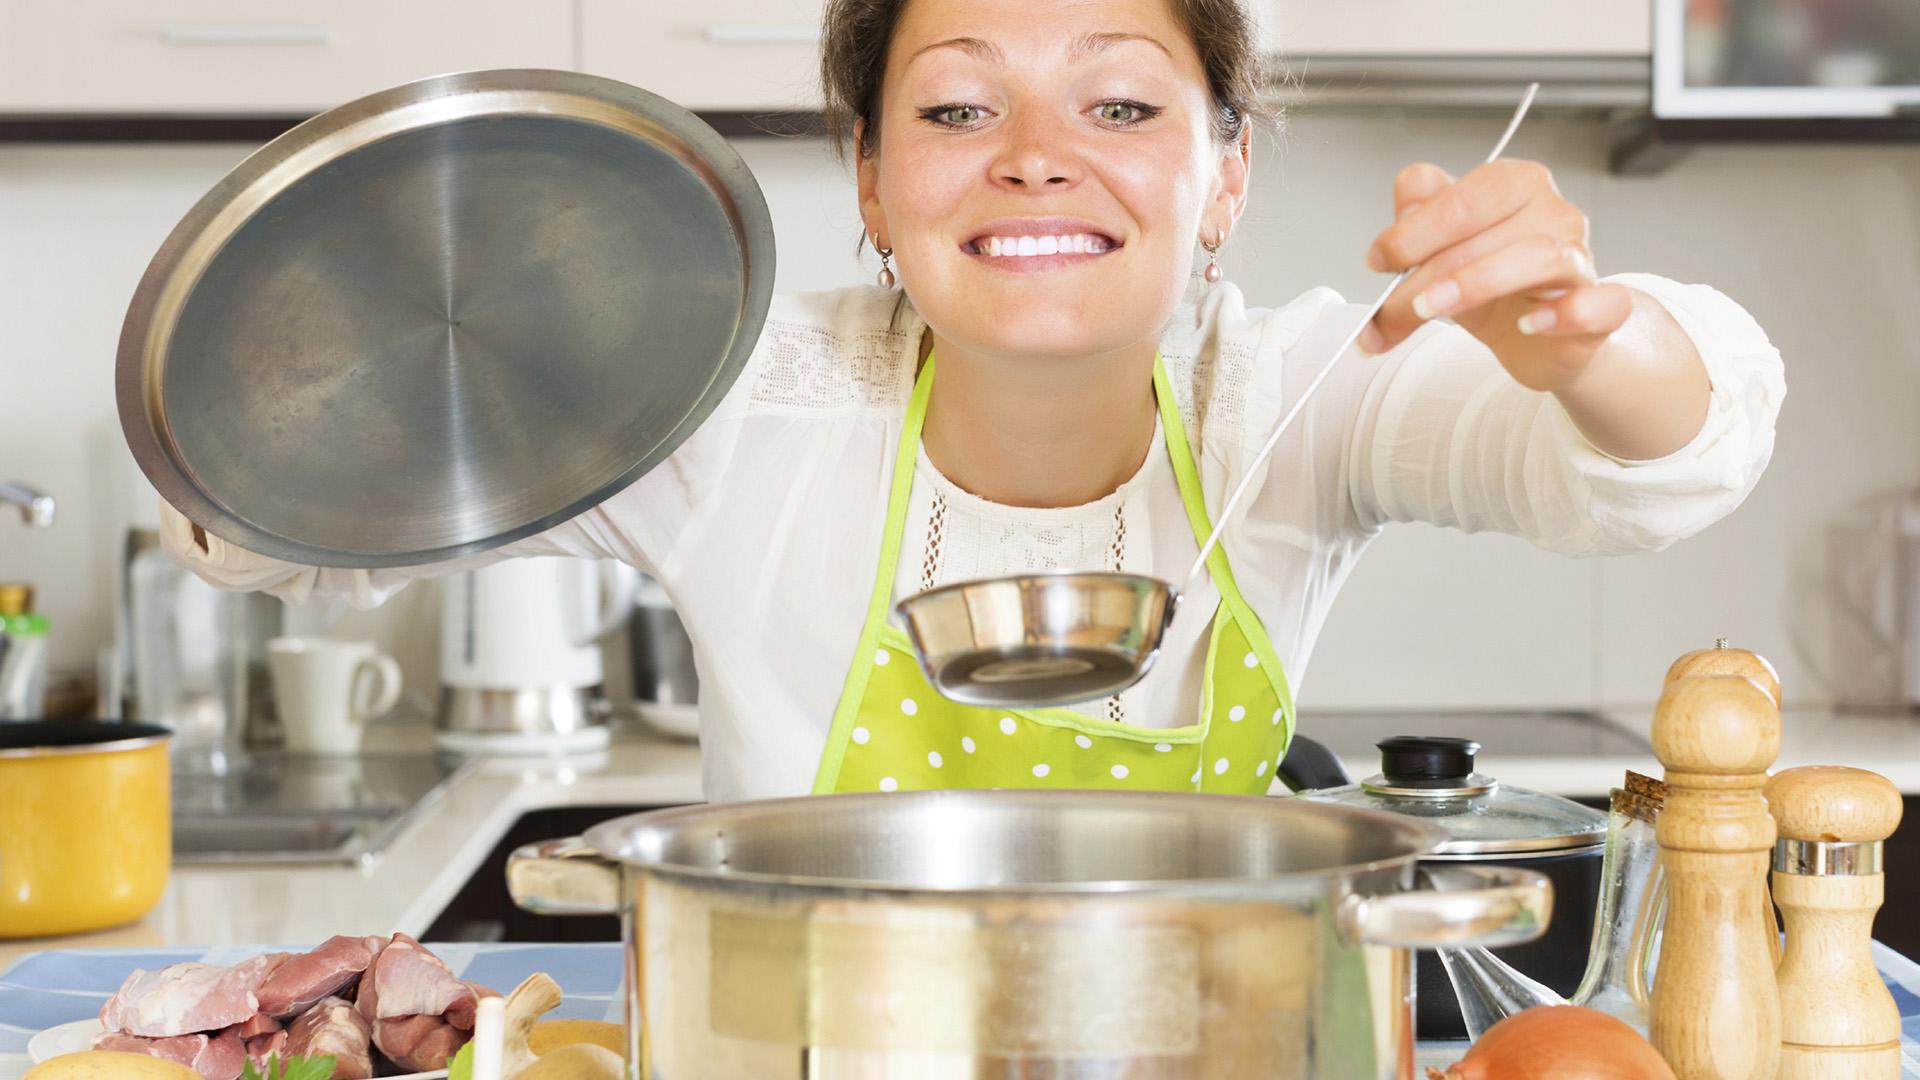 La m sica ideal para cocinar todalacocina com - Musica para cocinar ...